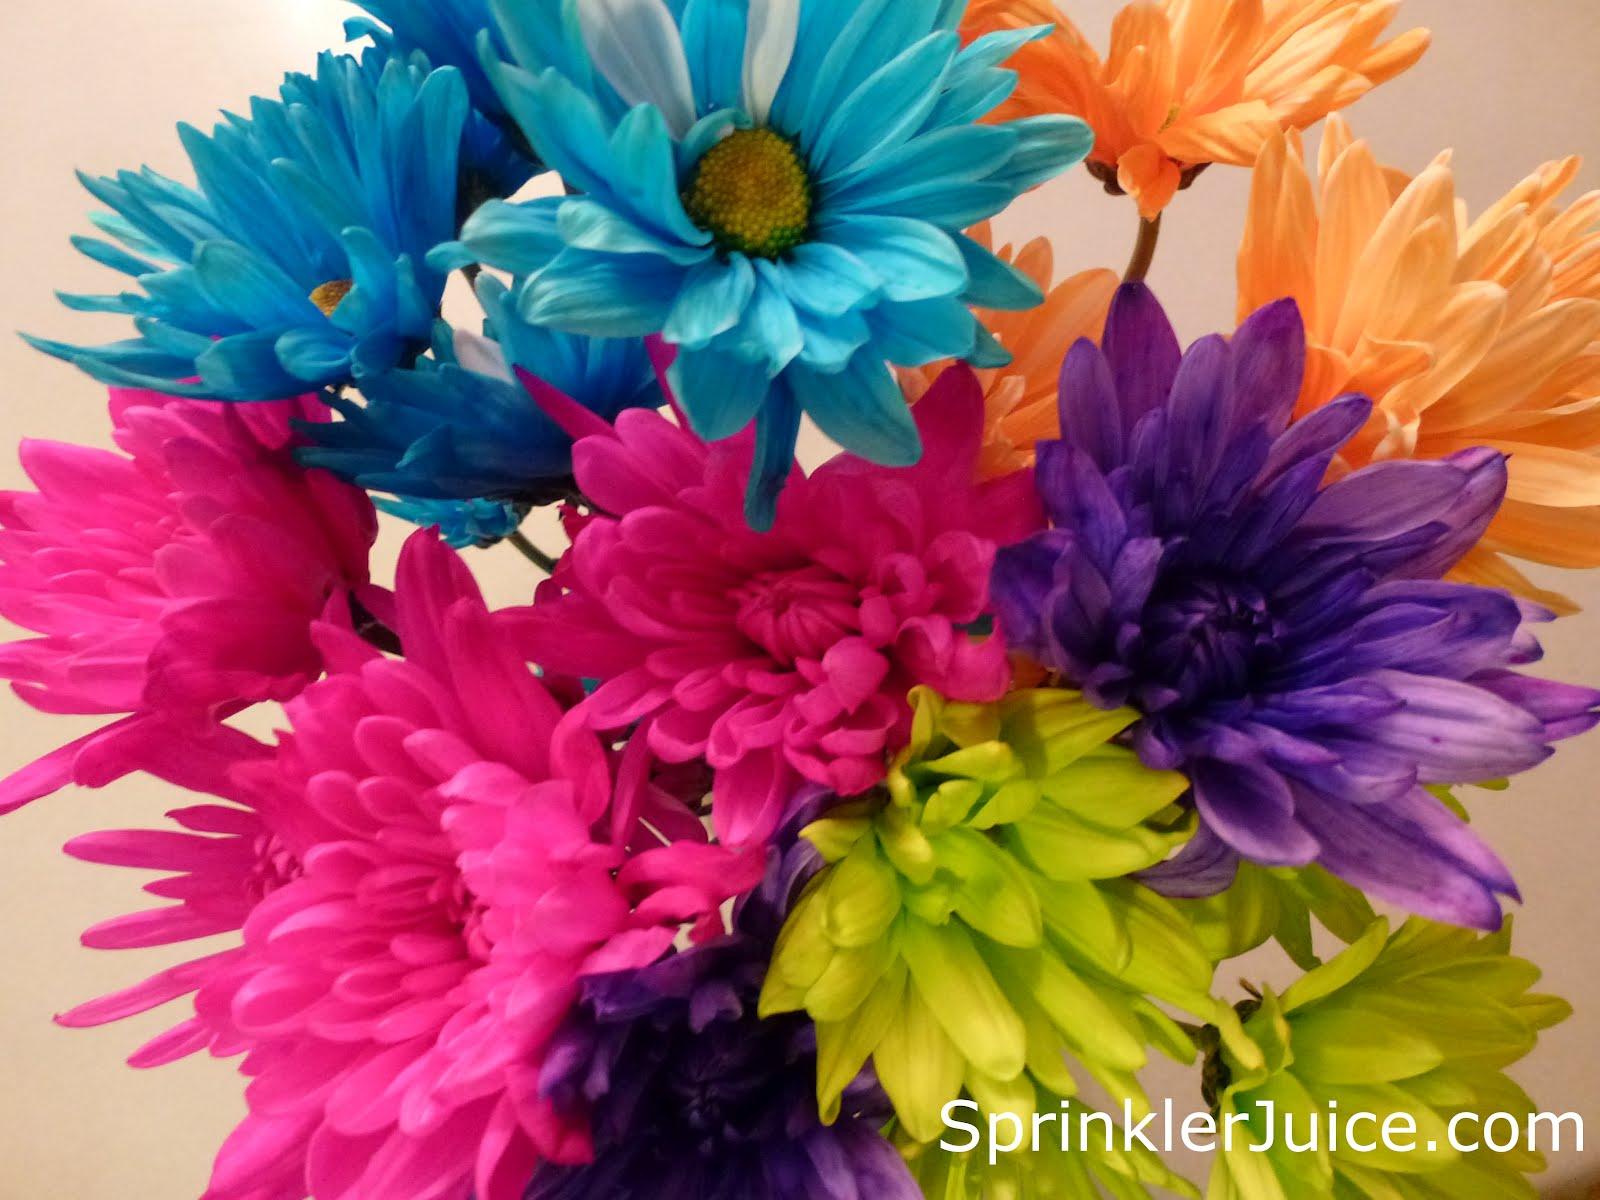 Sprinkler Juice Wordless Wednesday Spring Flowers